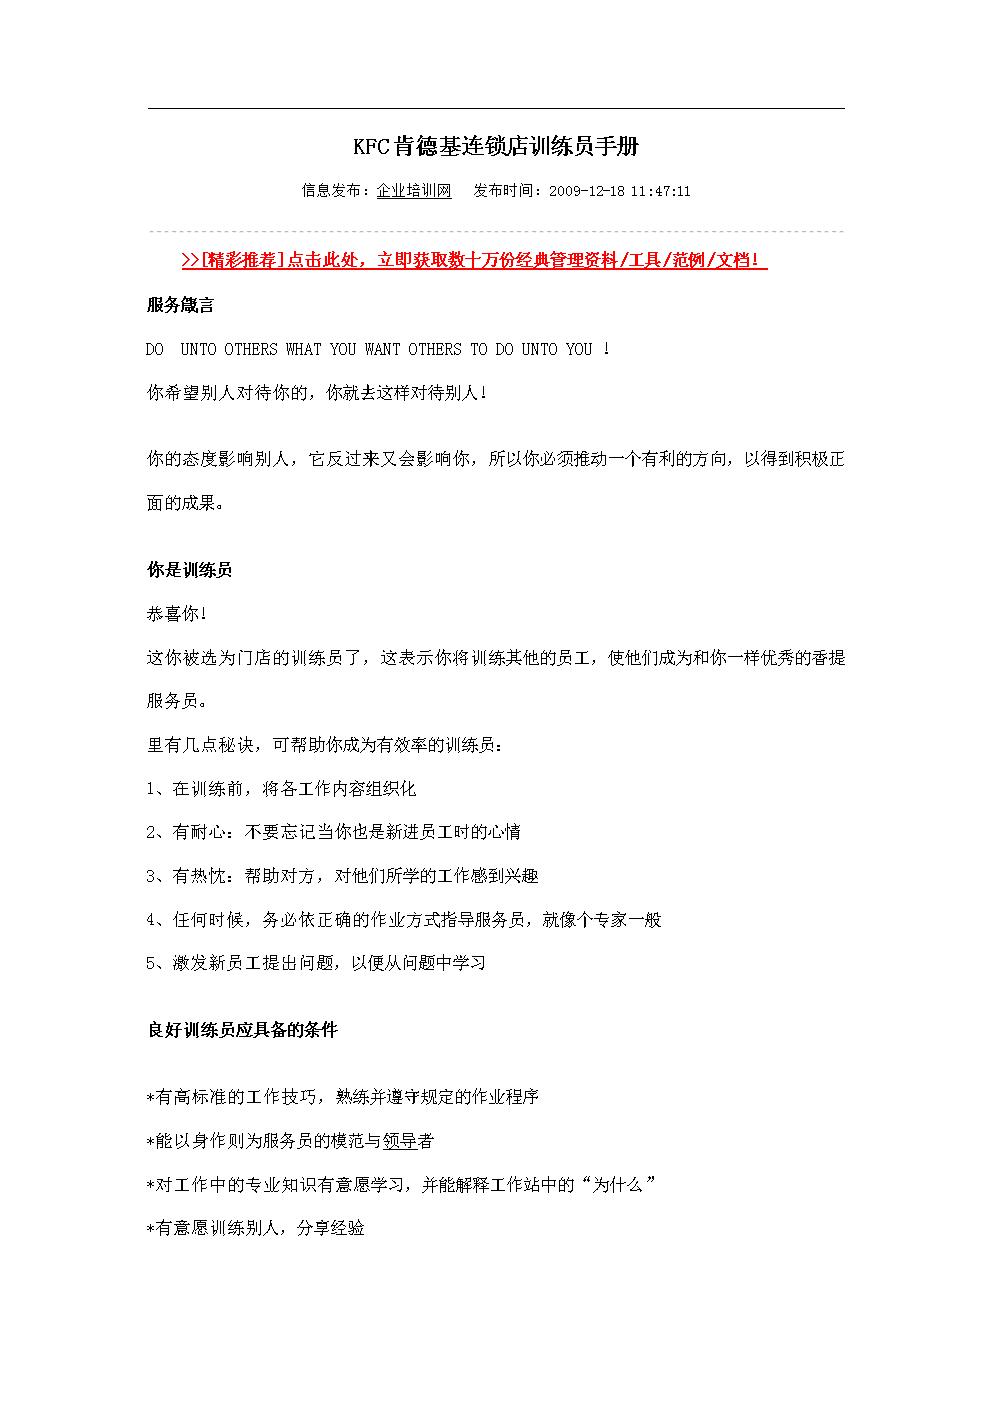 KFC肯德基连锁店训练员手册.doc